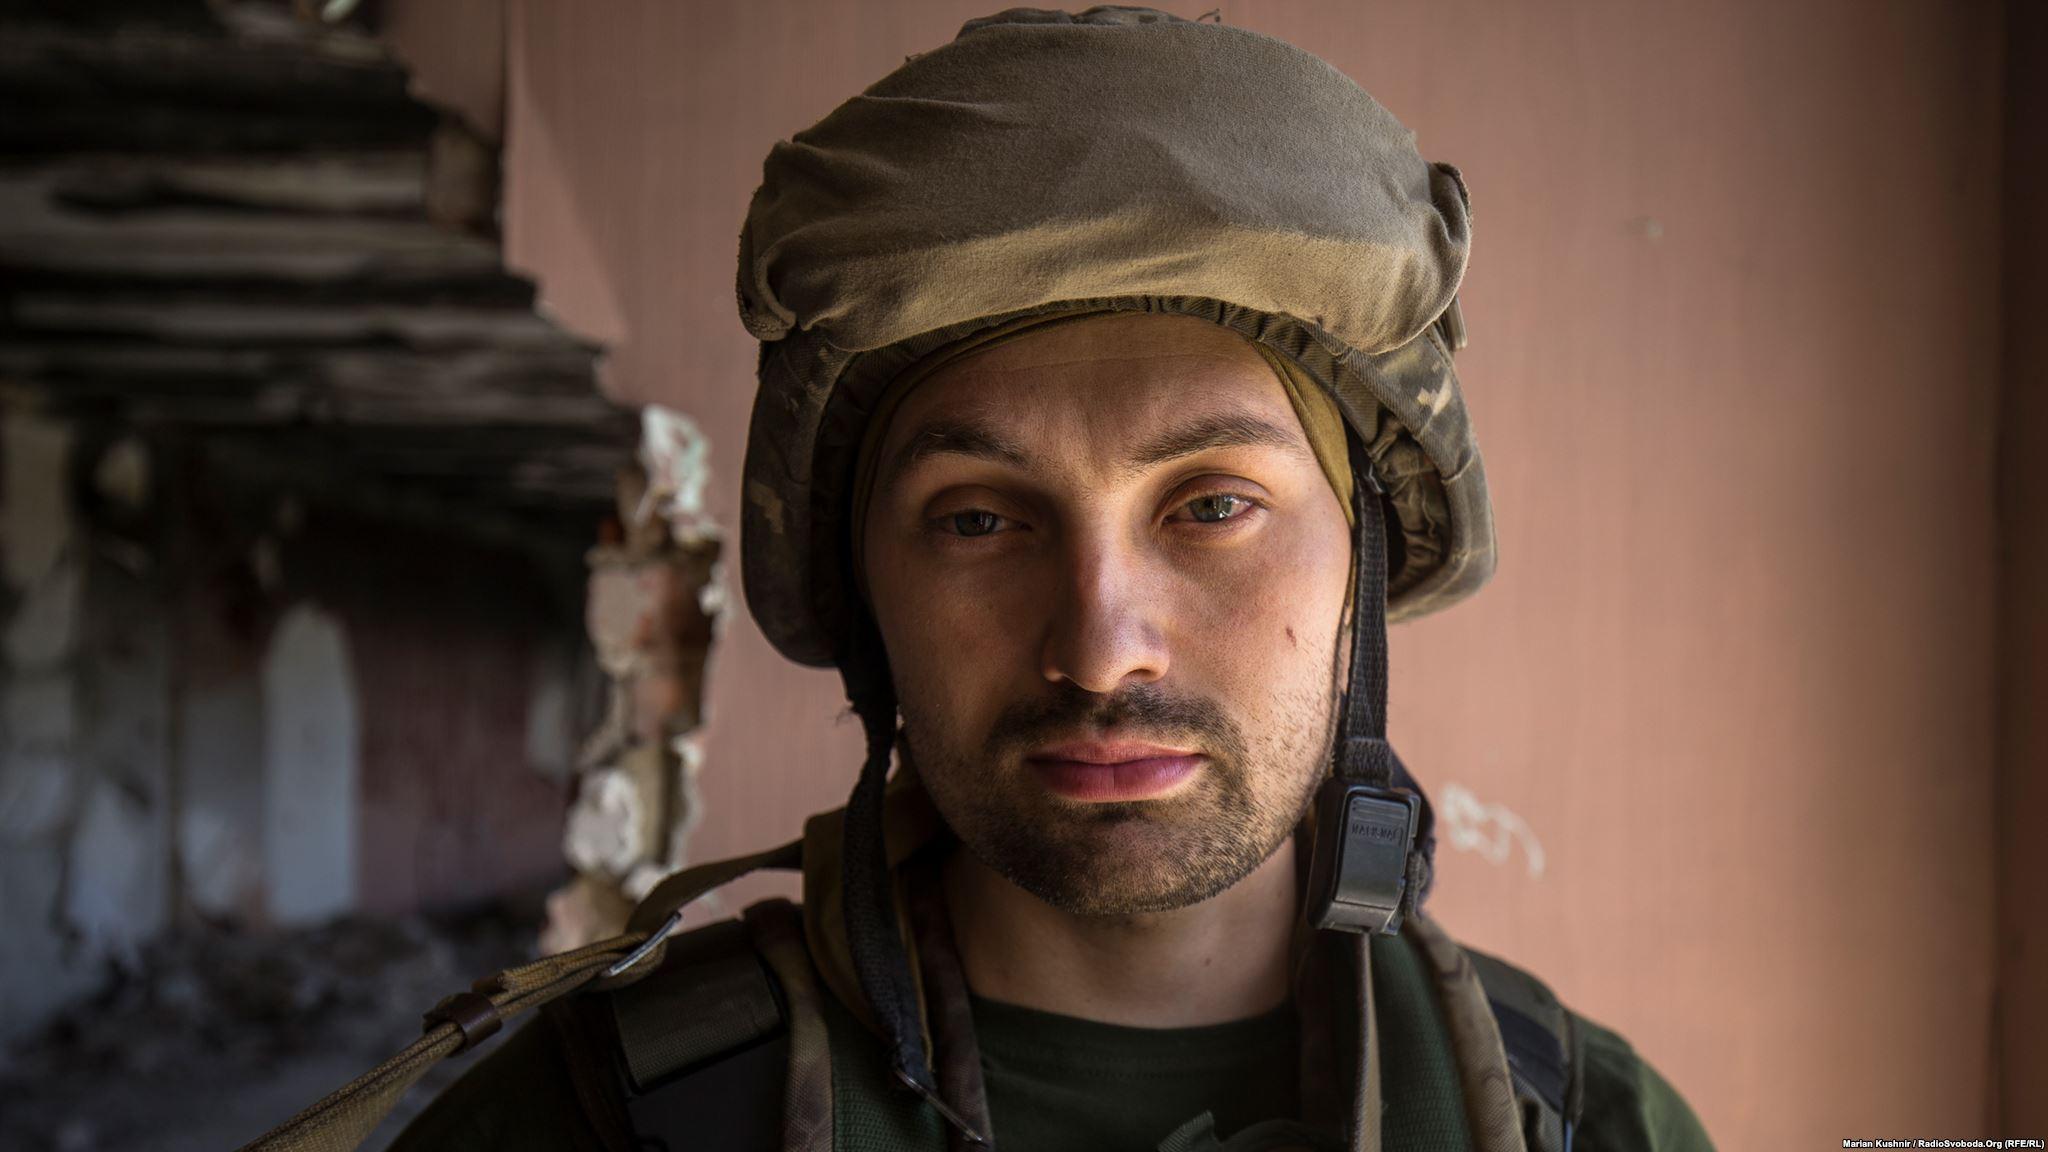 Позивний «Ряба», 33 роки, родом з Черкас. Український військовий розповідає нам, що у ці дні по їхніх позиціях почав активно «працювати» снайпер противника: «Працювали снайперами, працювали групами. Дуже прицільно, влучно стріляють. Це, мабуть, вже група з якихось російських найманців приїхала»